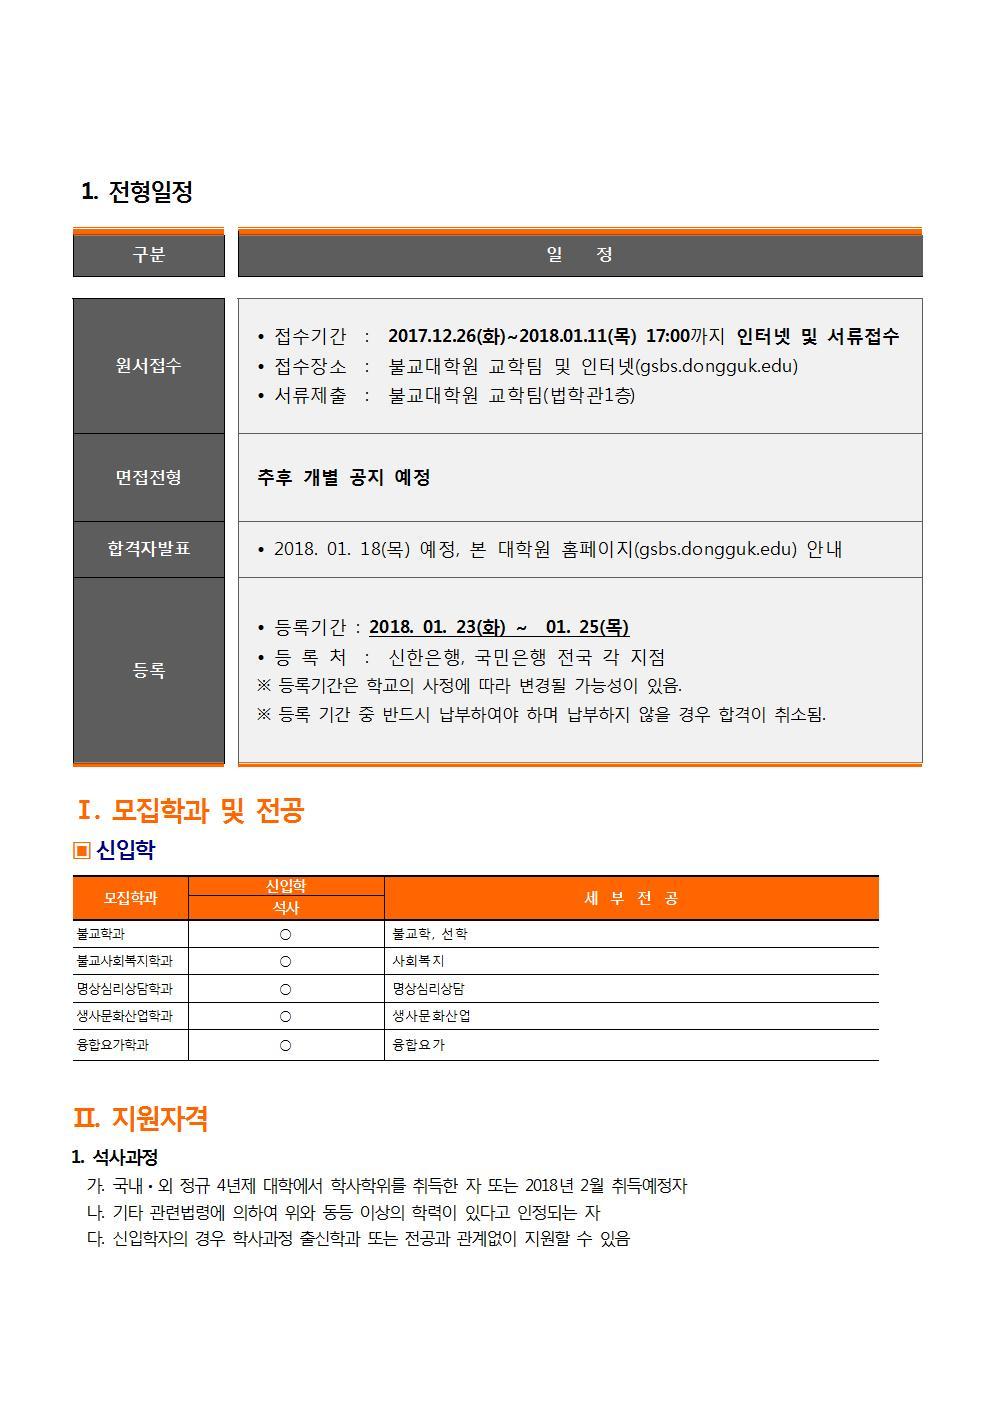 (첨부1) 불교대학원 2018학년도 전기 신입생 모집 요강(2차)001